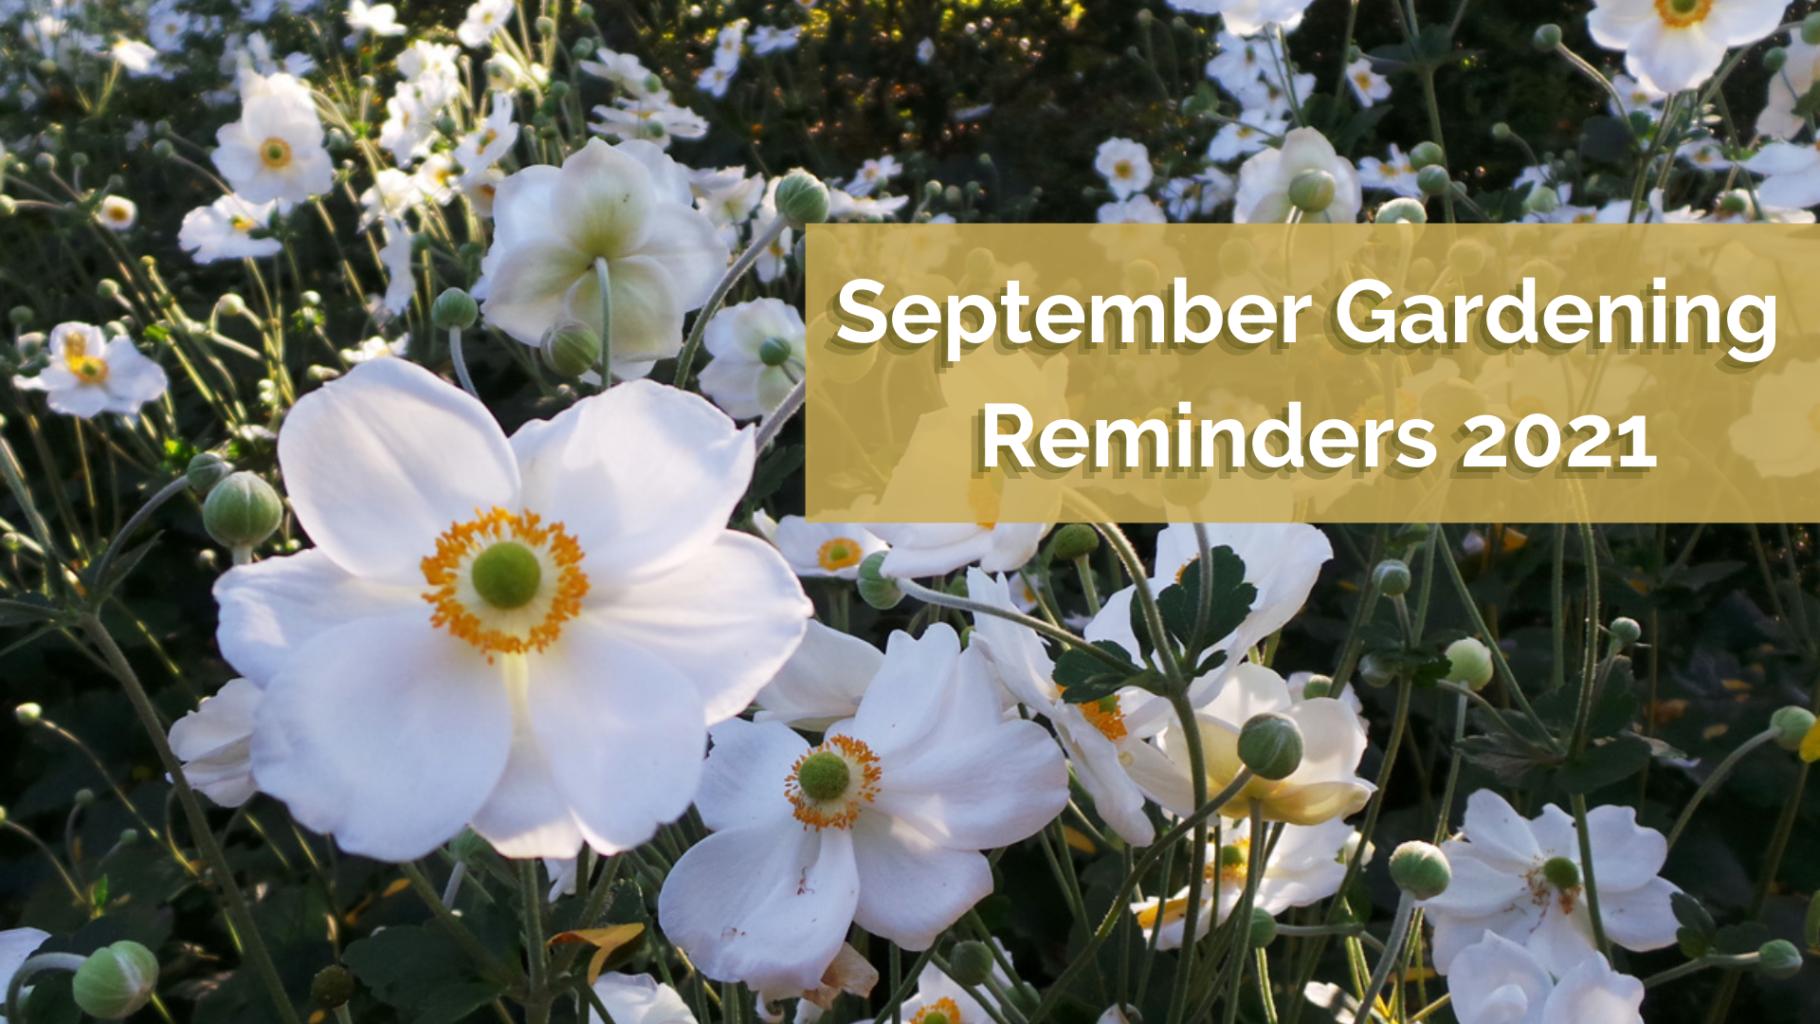 September Gardening Reminders 2021